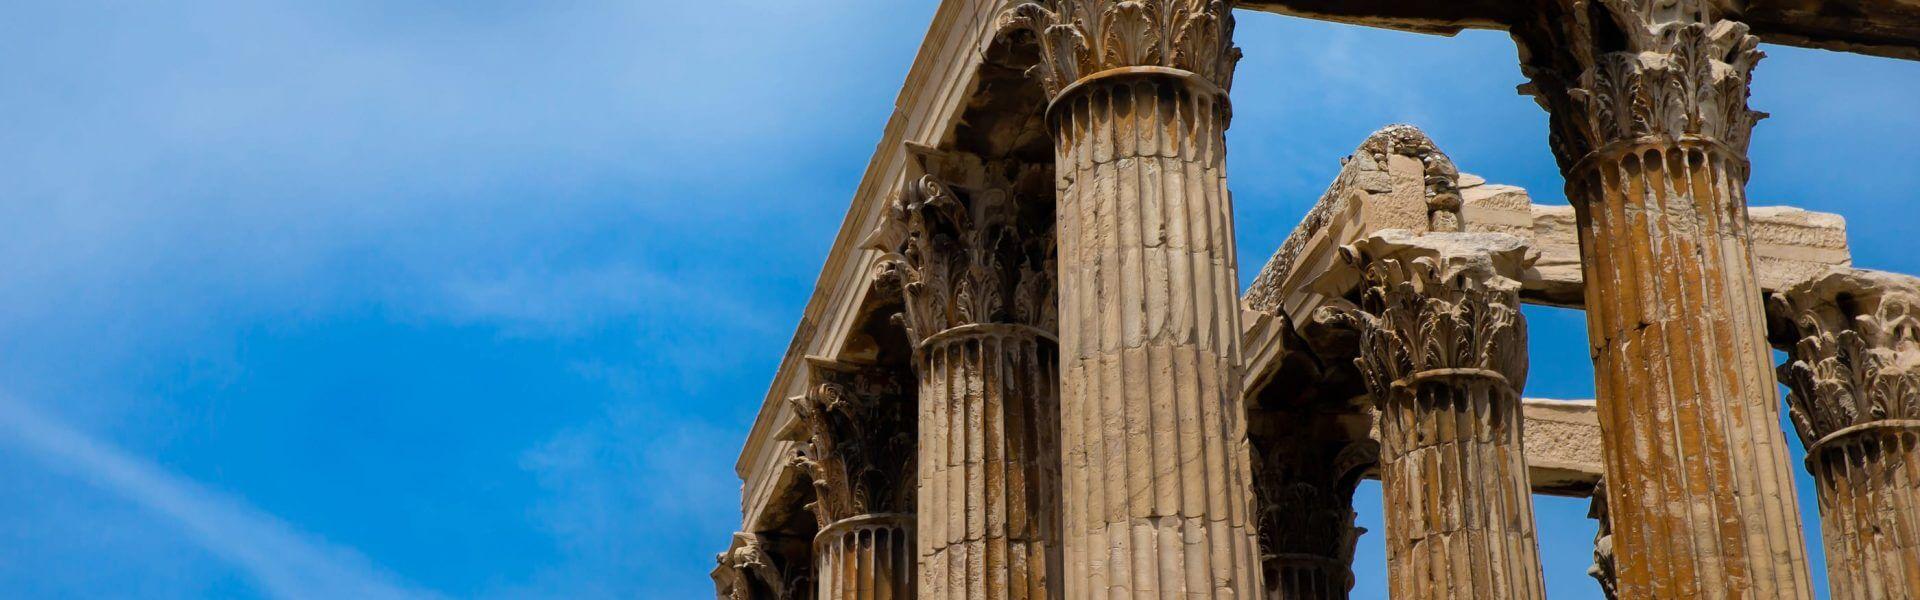 מקדש עתיק. קרדיט תמונה ראשית: Bigstock